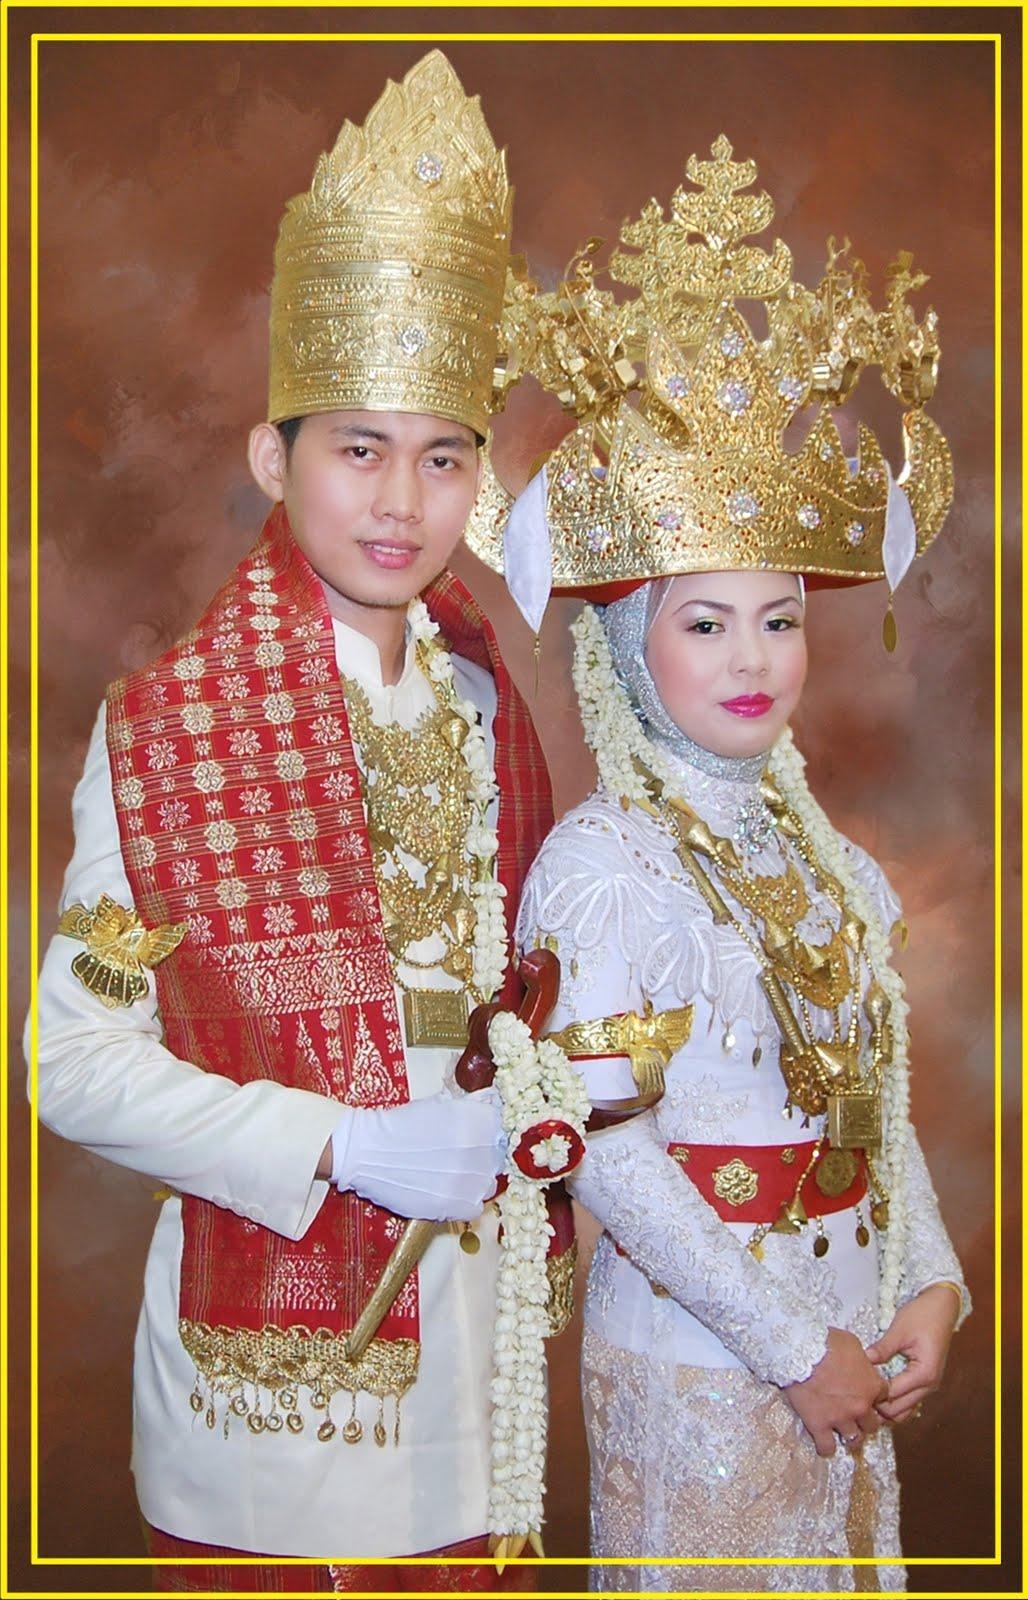 Pakaian Adat Tradisional Lampung | Wonderful Indonesia